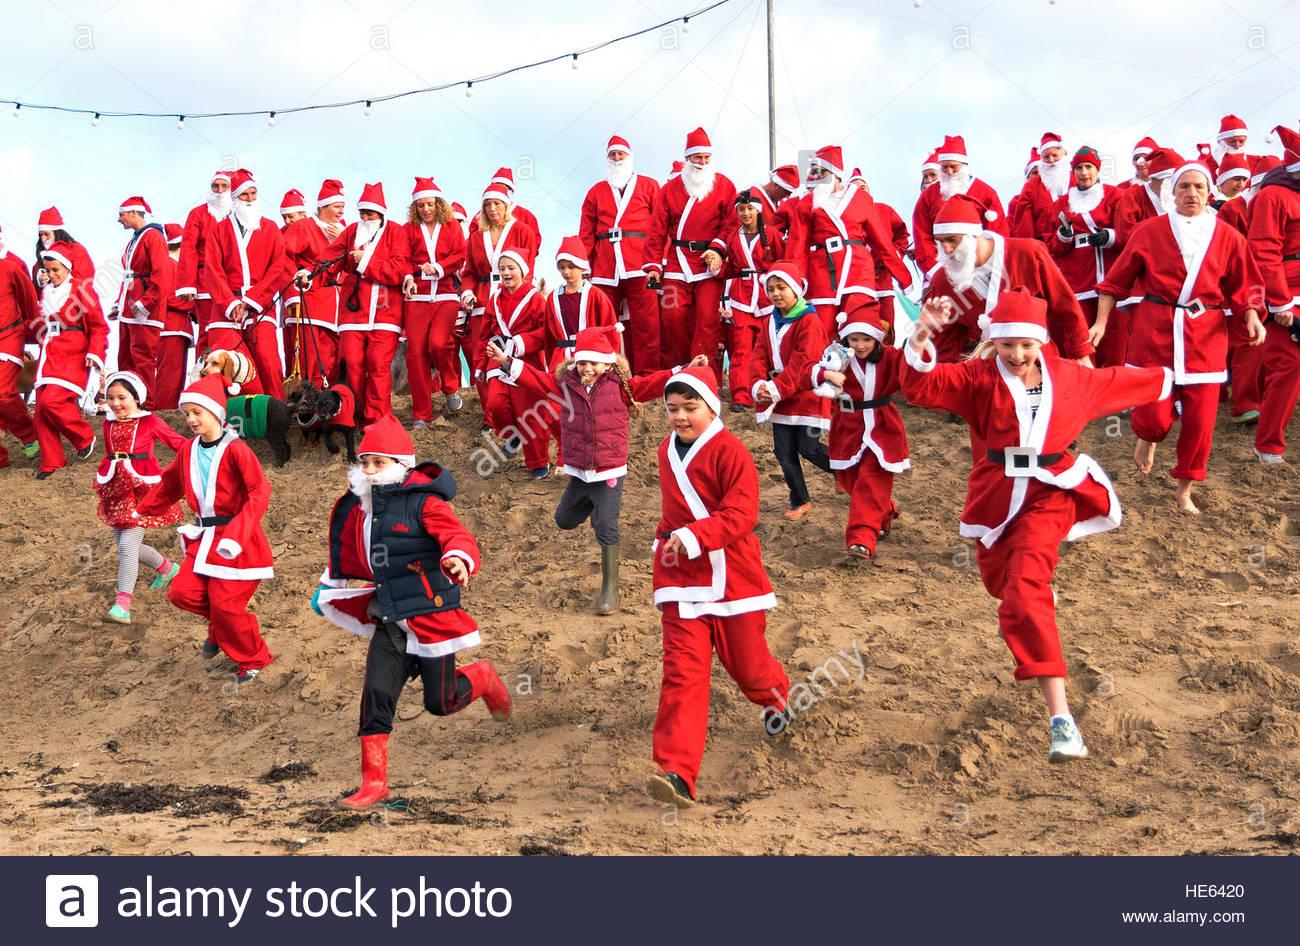 Perranporth, Cornwall, UK. 18. Dezember 2016. Santa auf dem Sand eine jährliche Charity laufen am Strand von Perranporth Stockfoto